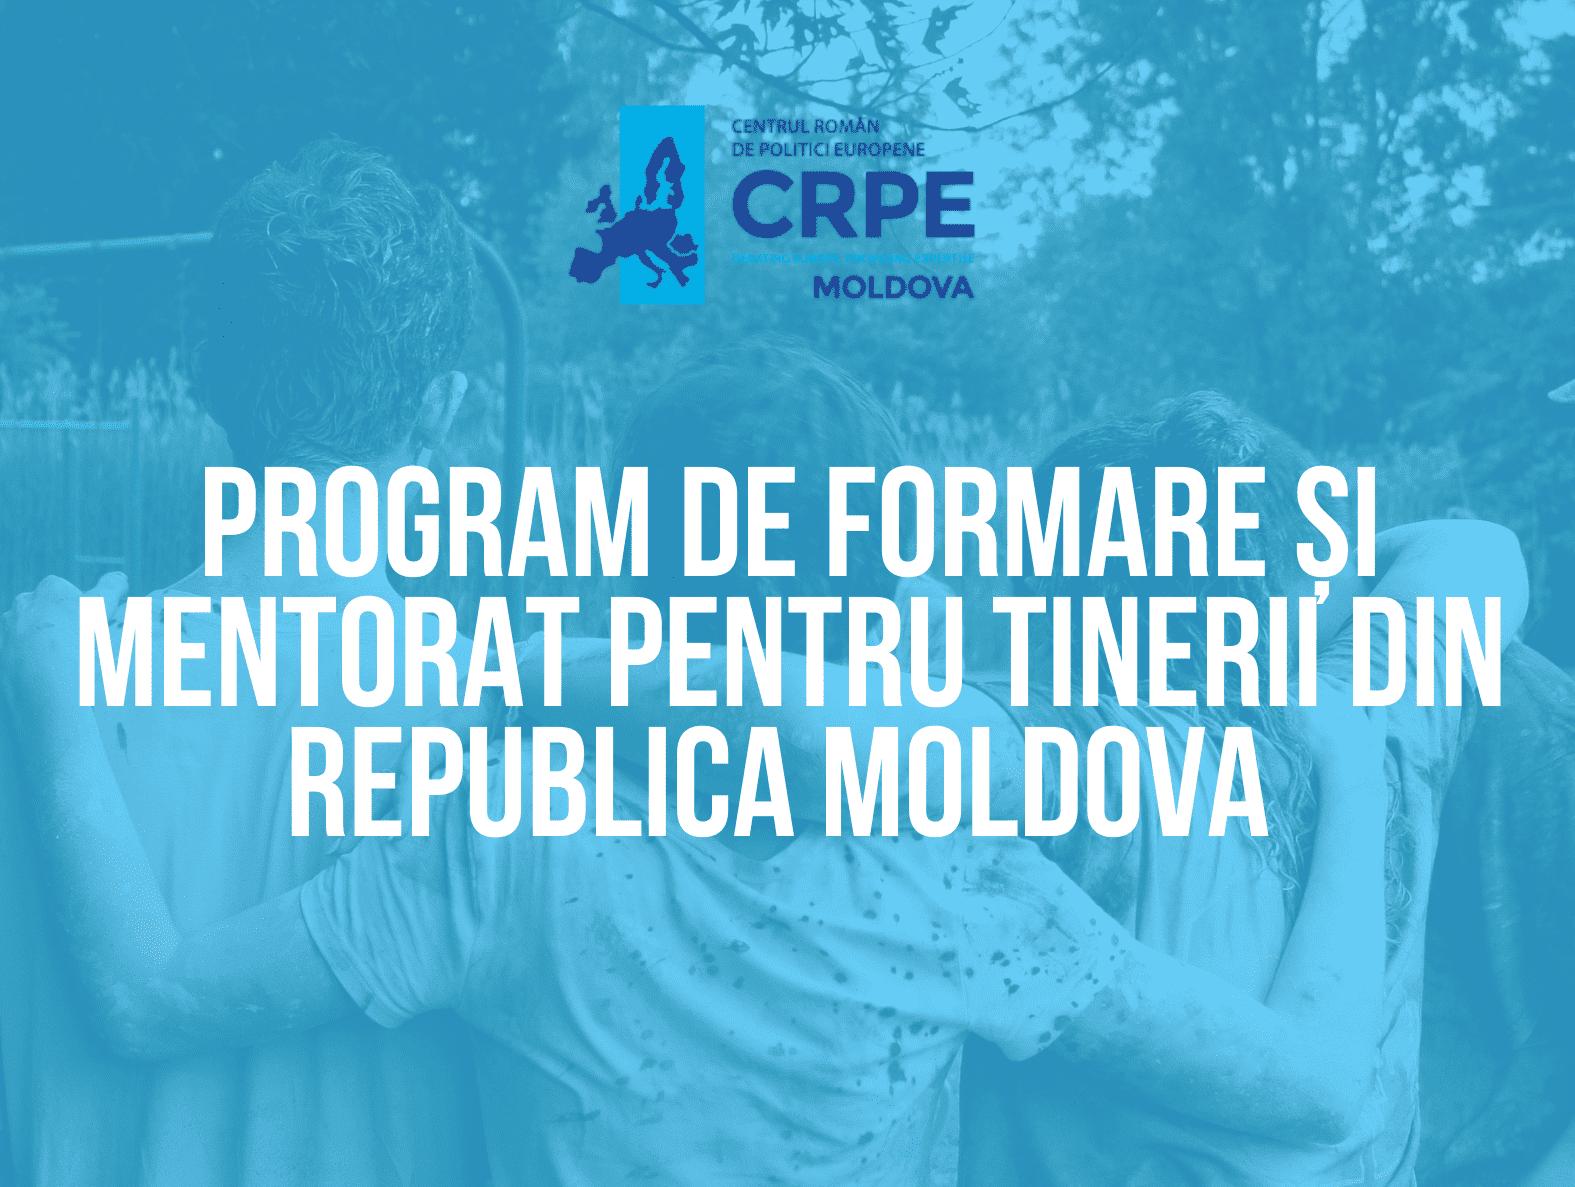 Program de training și mentorat pentru tineri: CRPE – Moldova caută tineri dornici să implementeze proiecte!